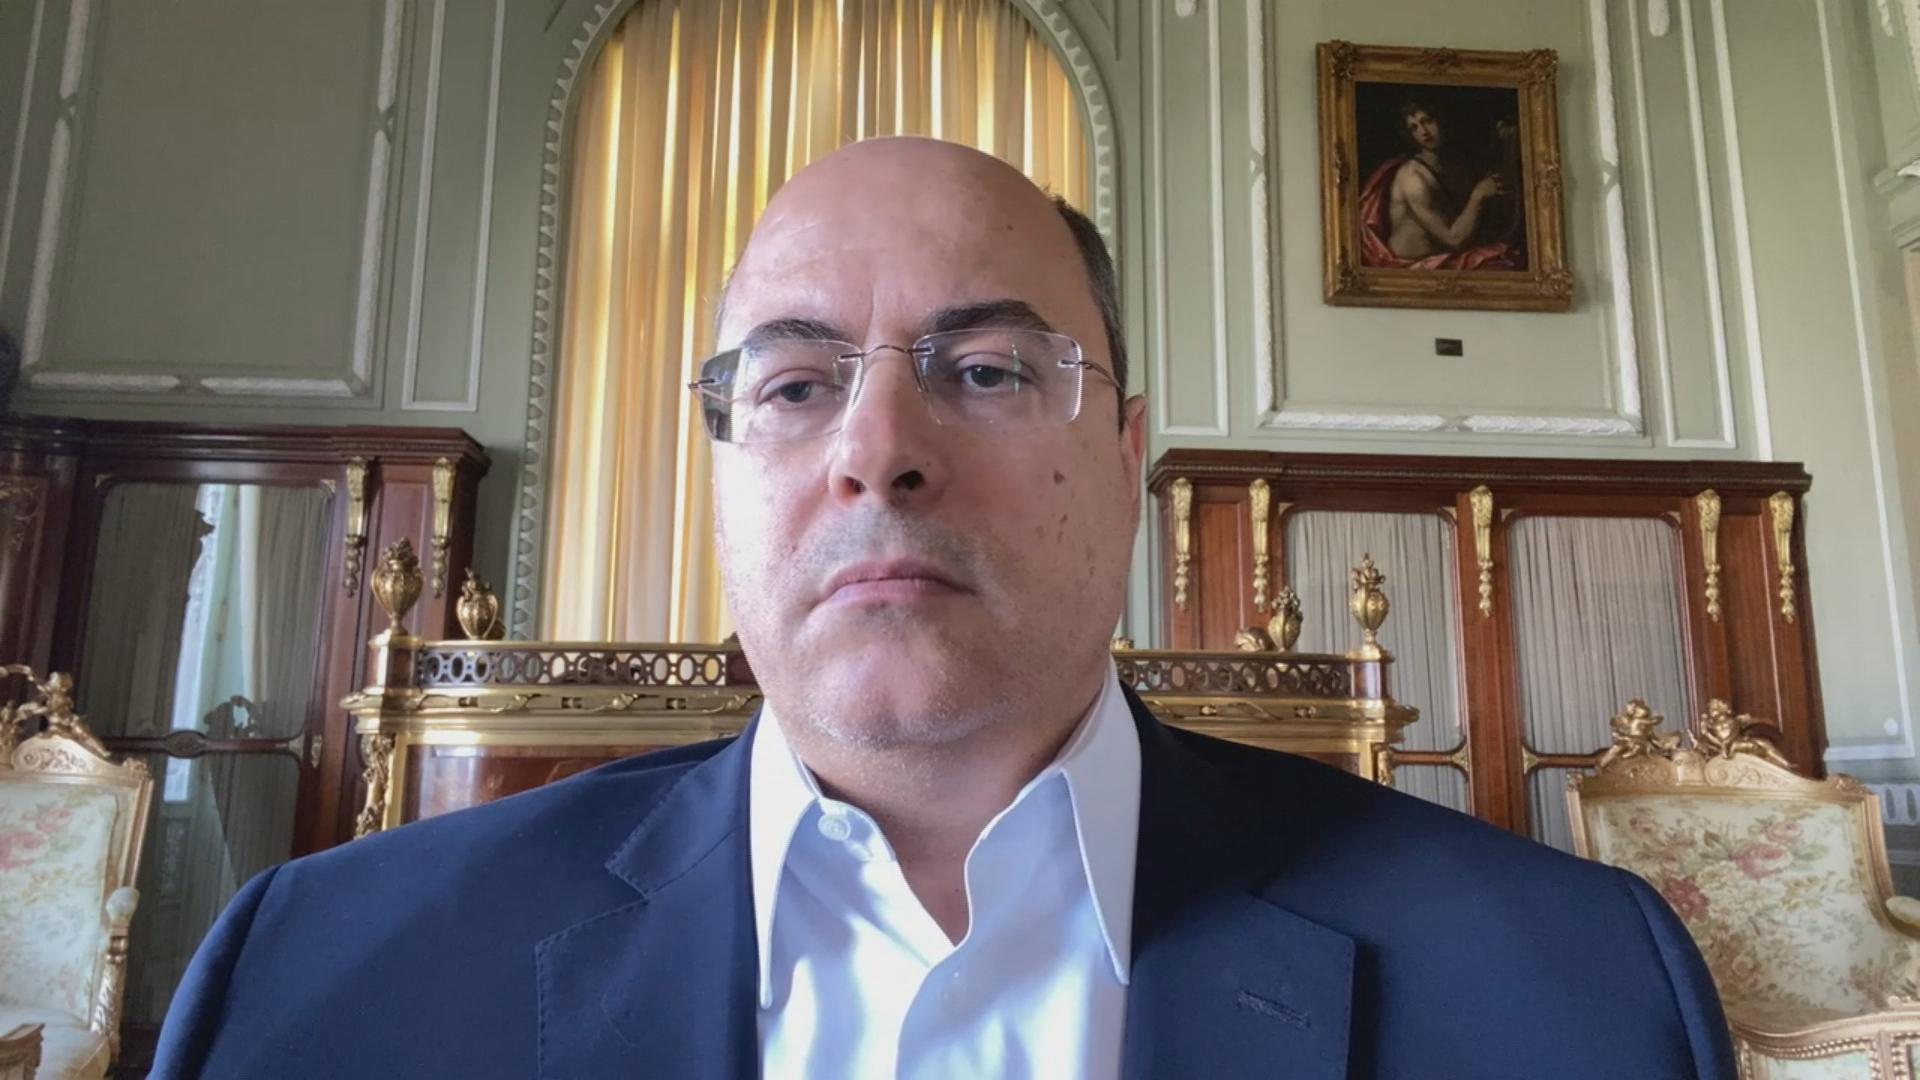 Governador do Rio cobrou investigações sobre acusações de Moro contra Bolsonaro